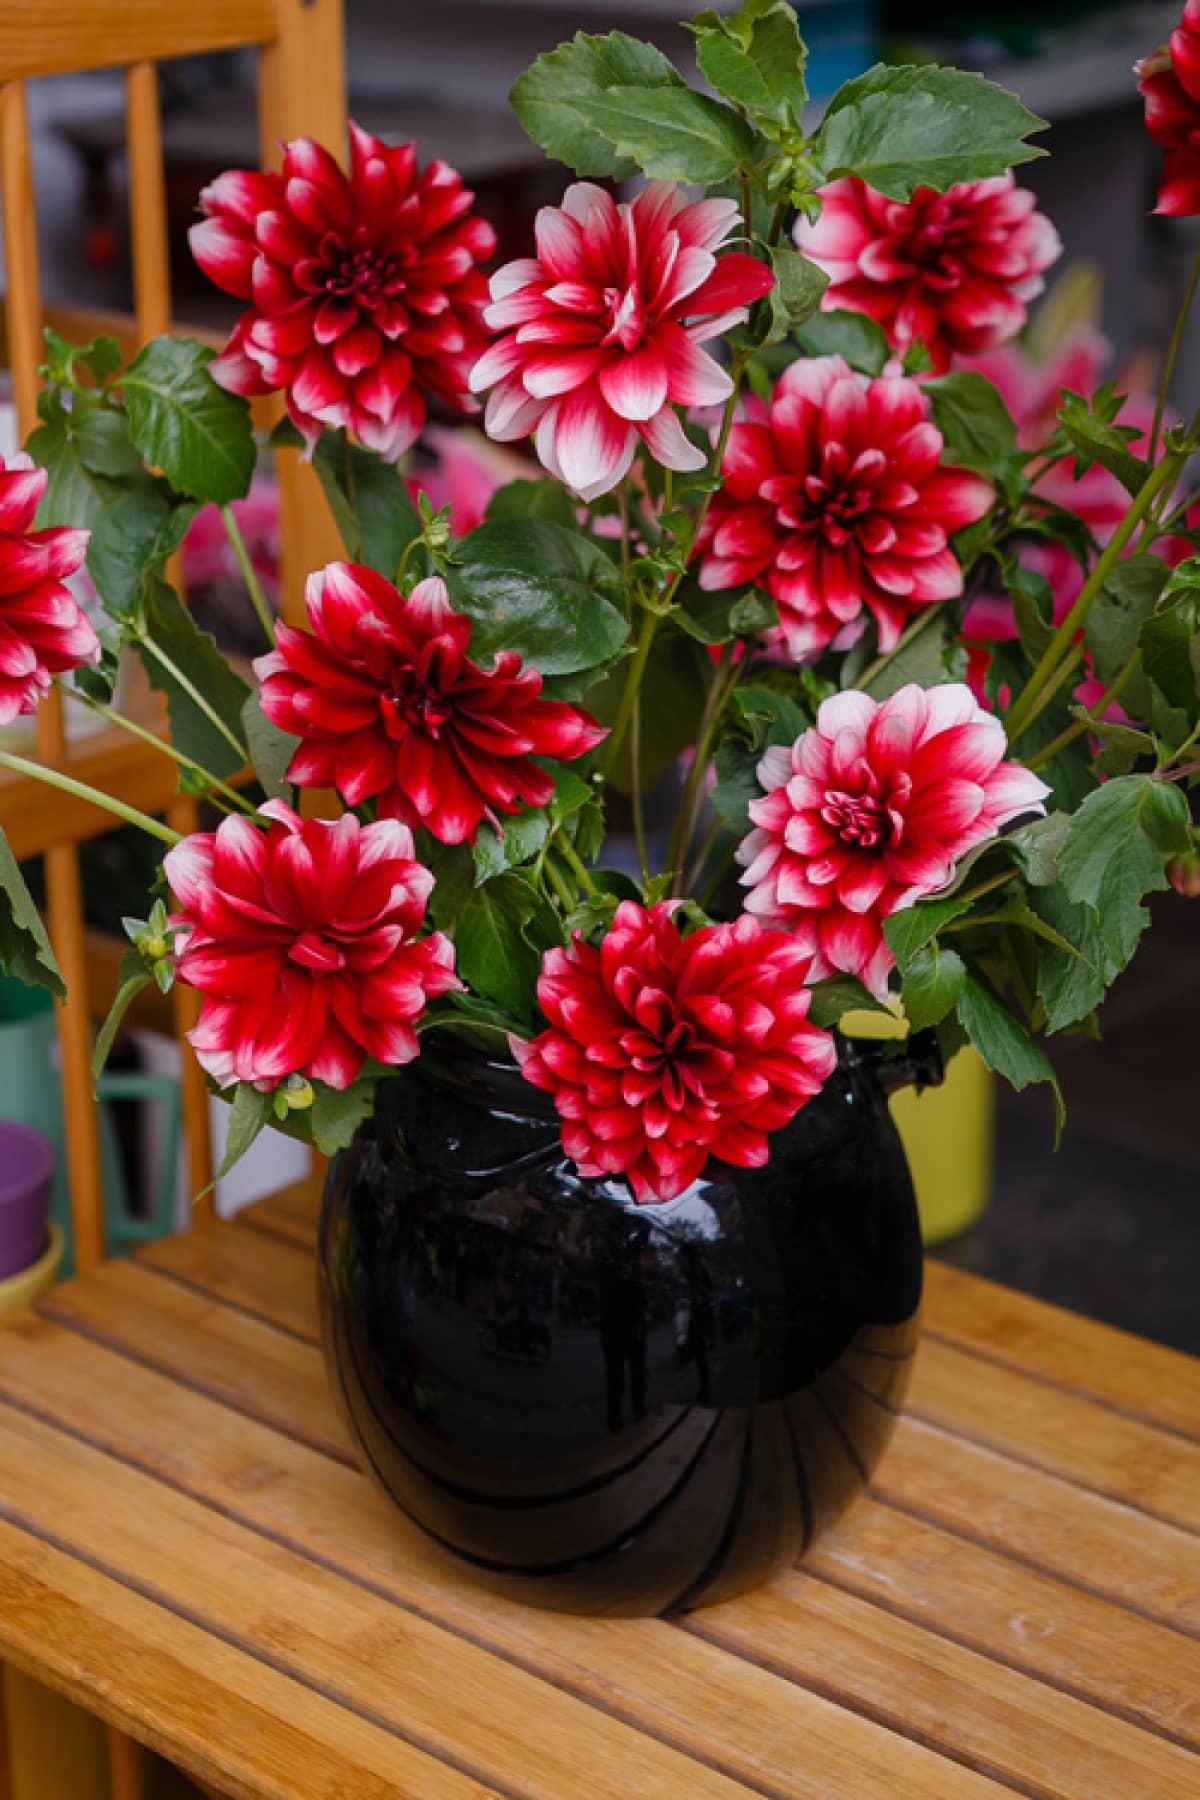 Lọ hoa thược dược đen rất đẹp